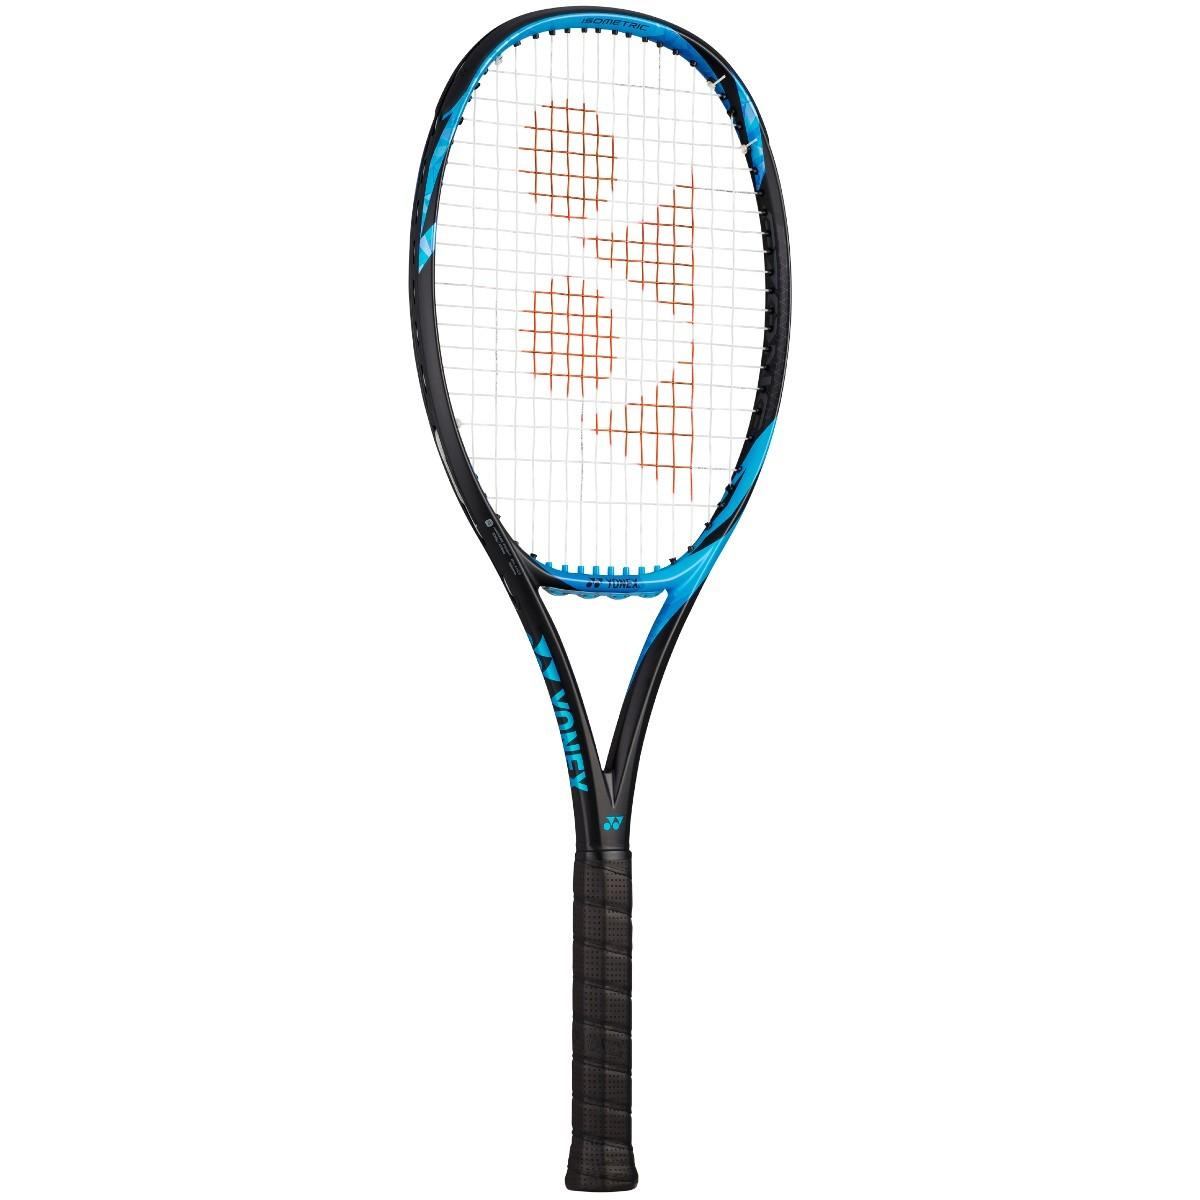 Rakieta tenisowa Yonex EZONE 98 Blue (285g)